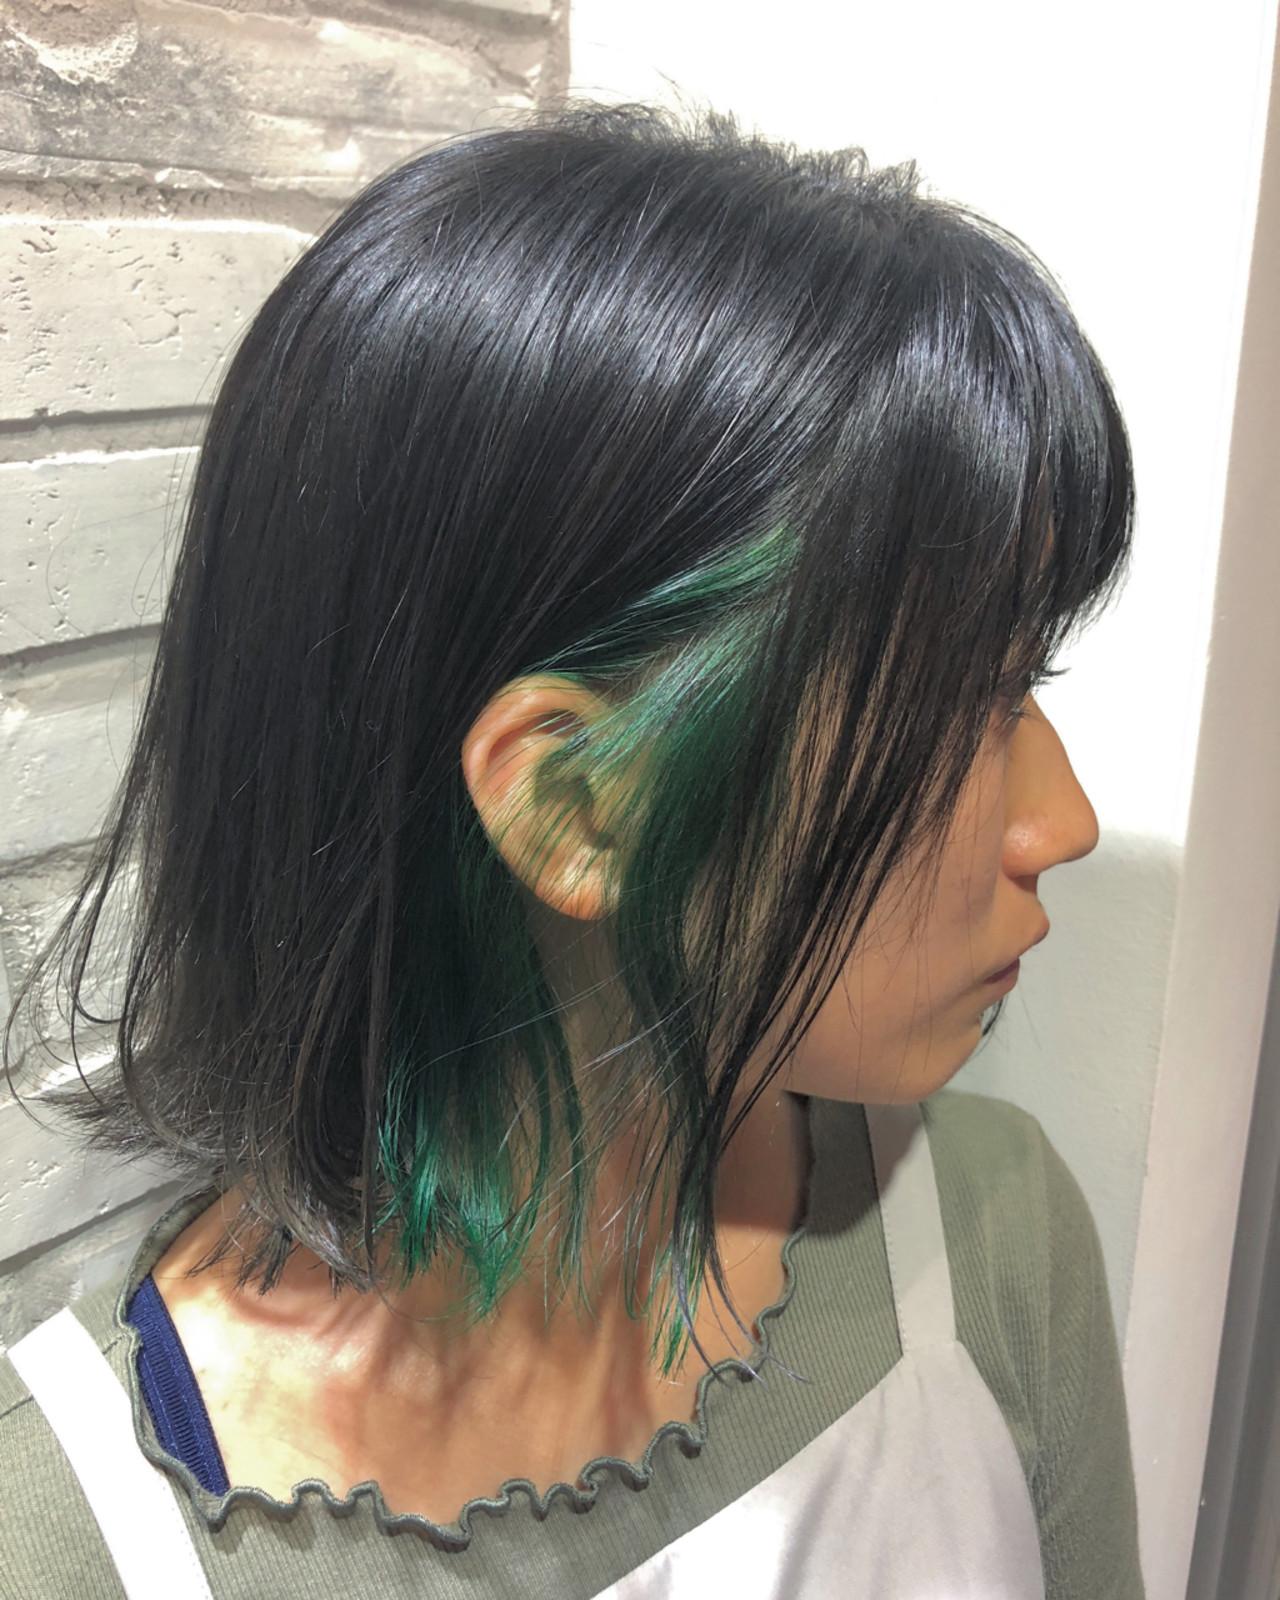 前髪あり ナチュラル エフォートレス フェミニン ヘアスタイルや髪型の写真・画像